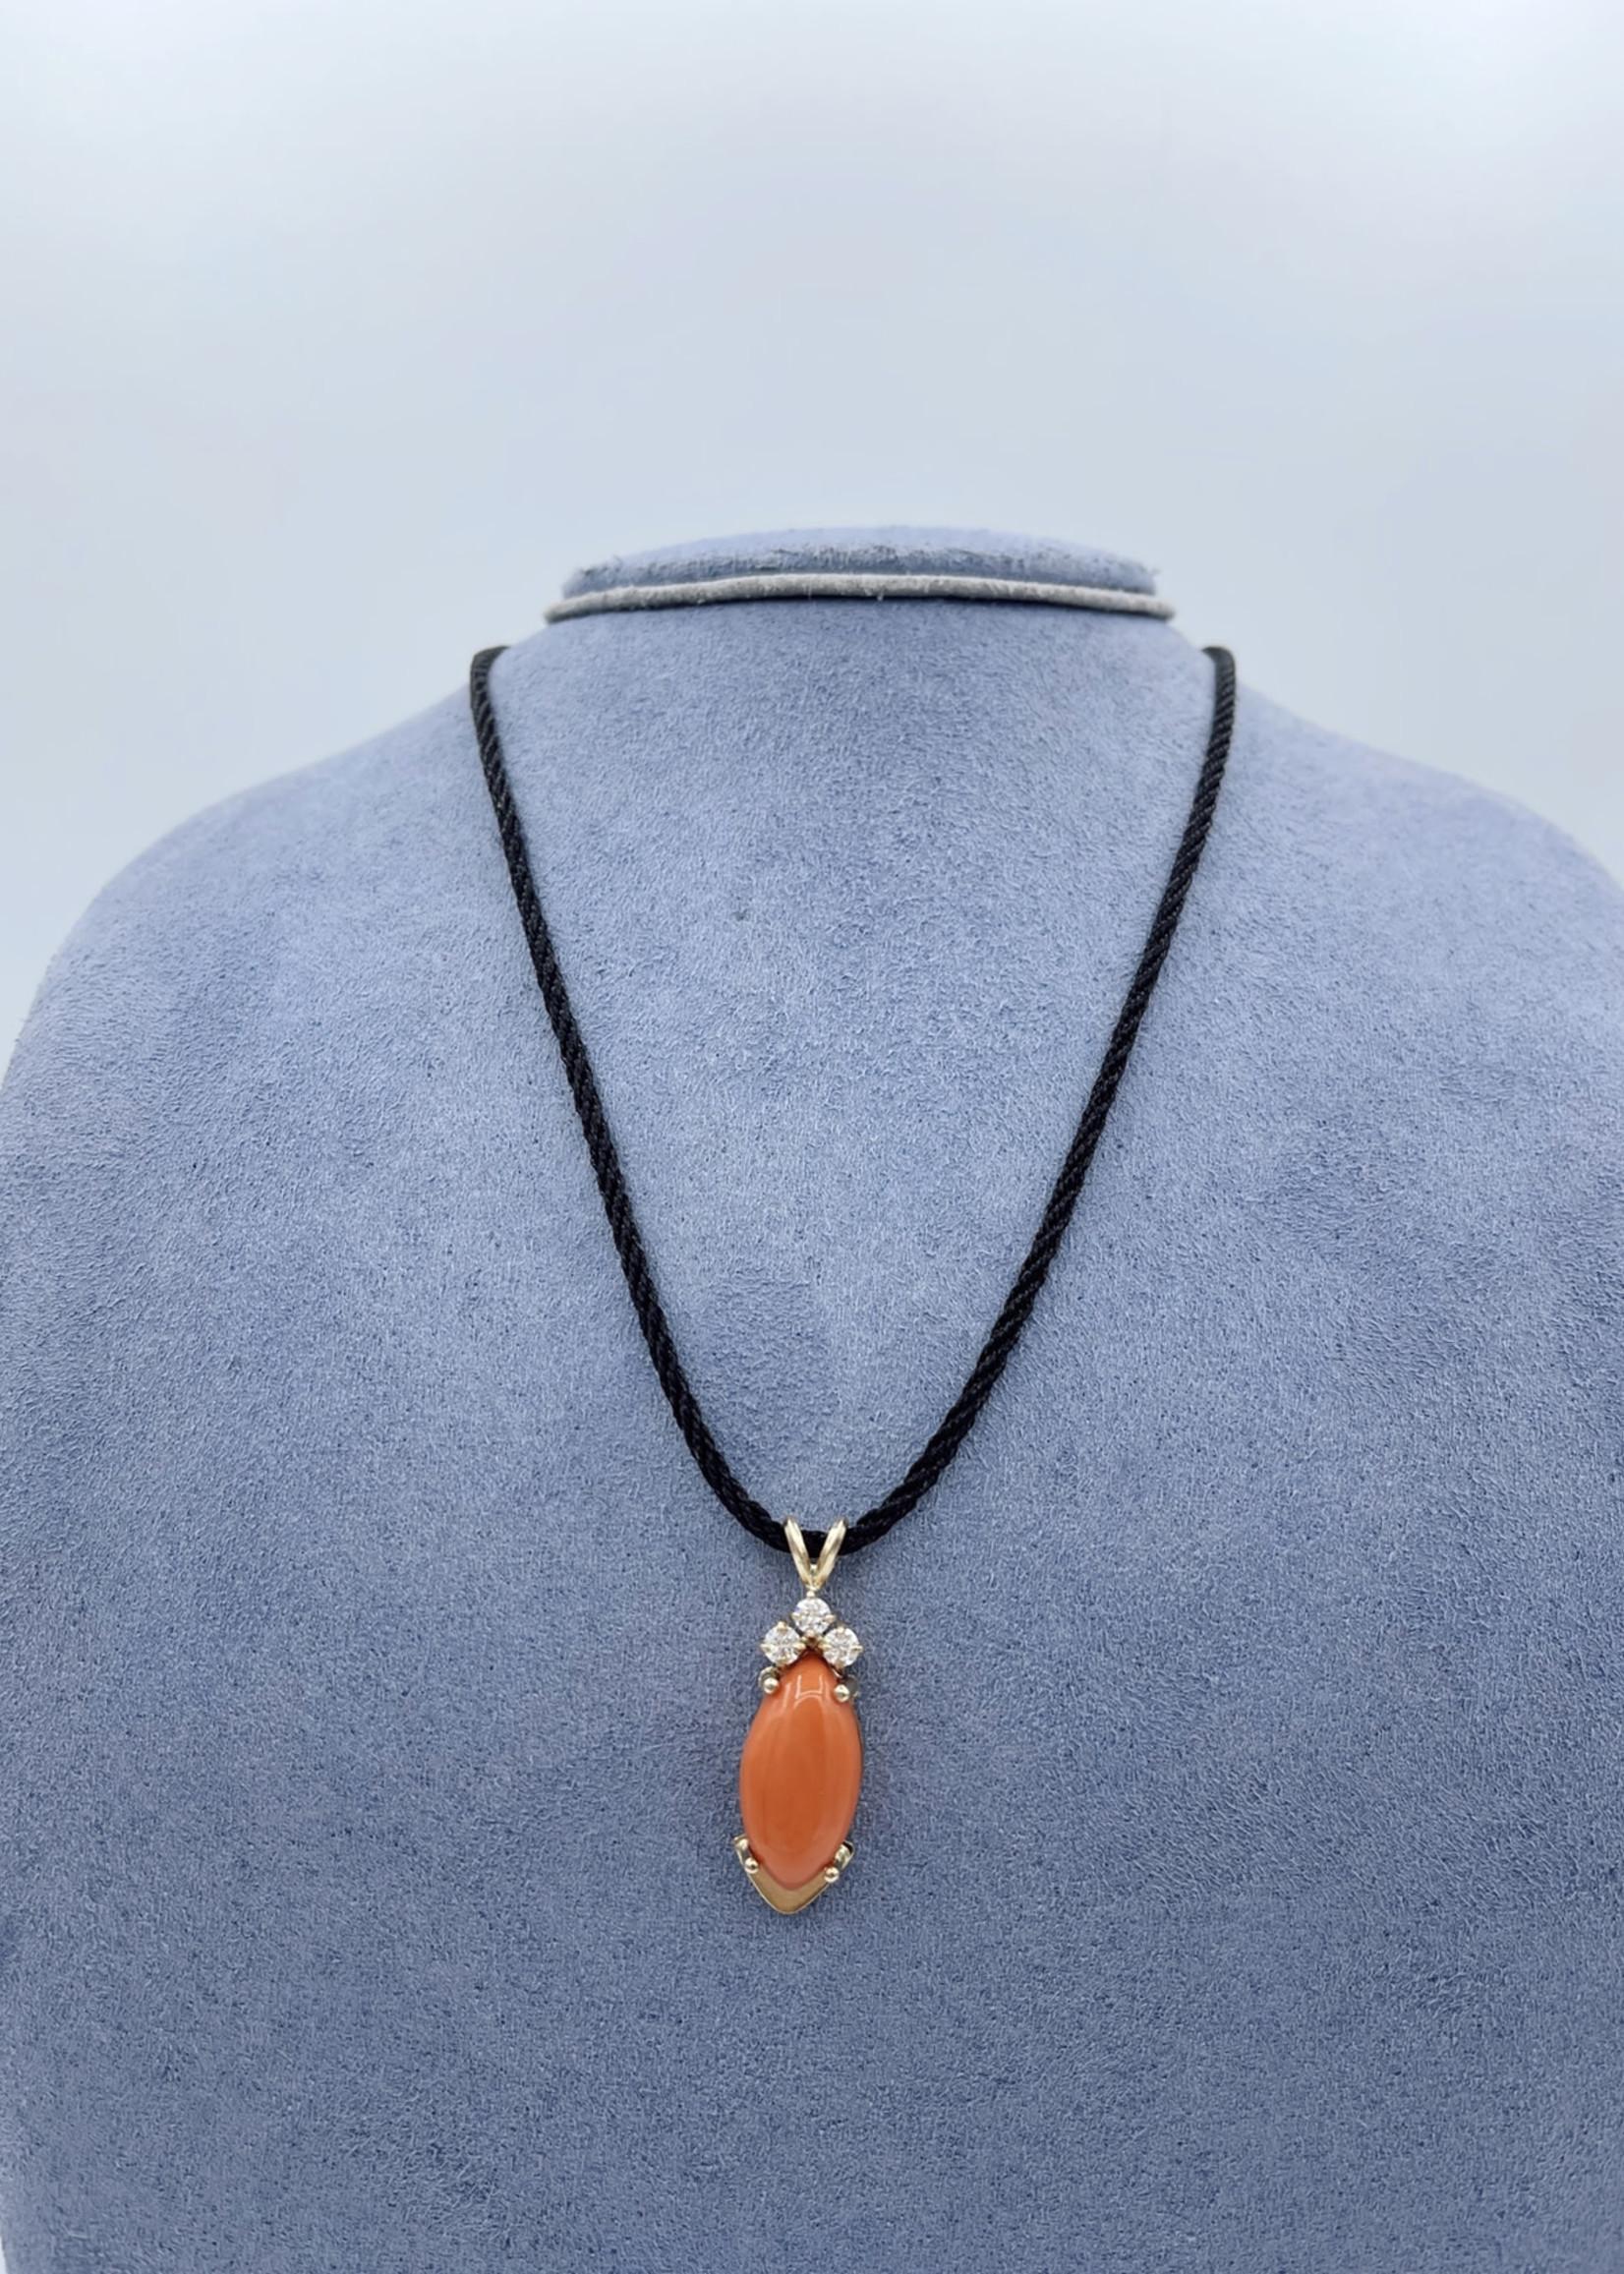 CJ Designs Coral Pendant With Diamonds